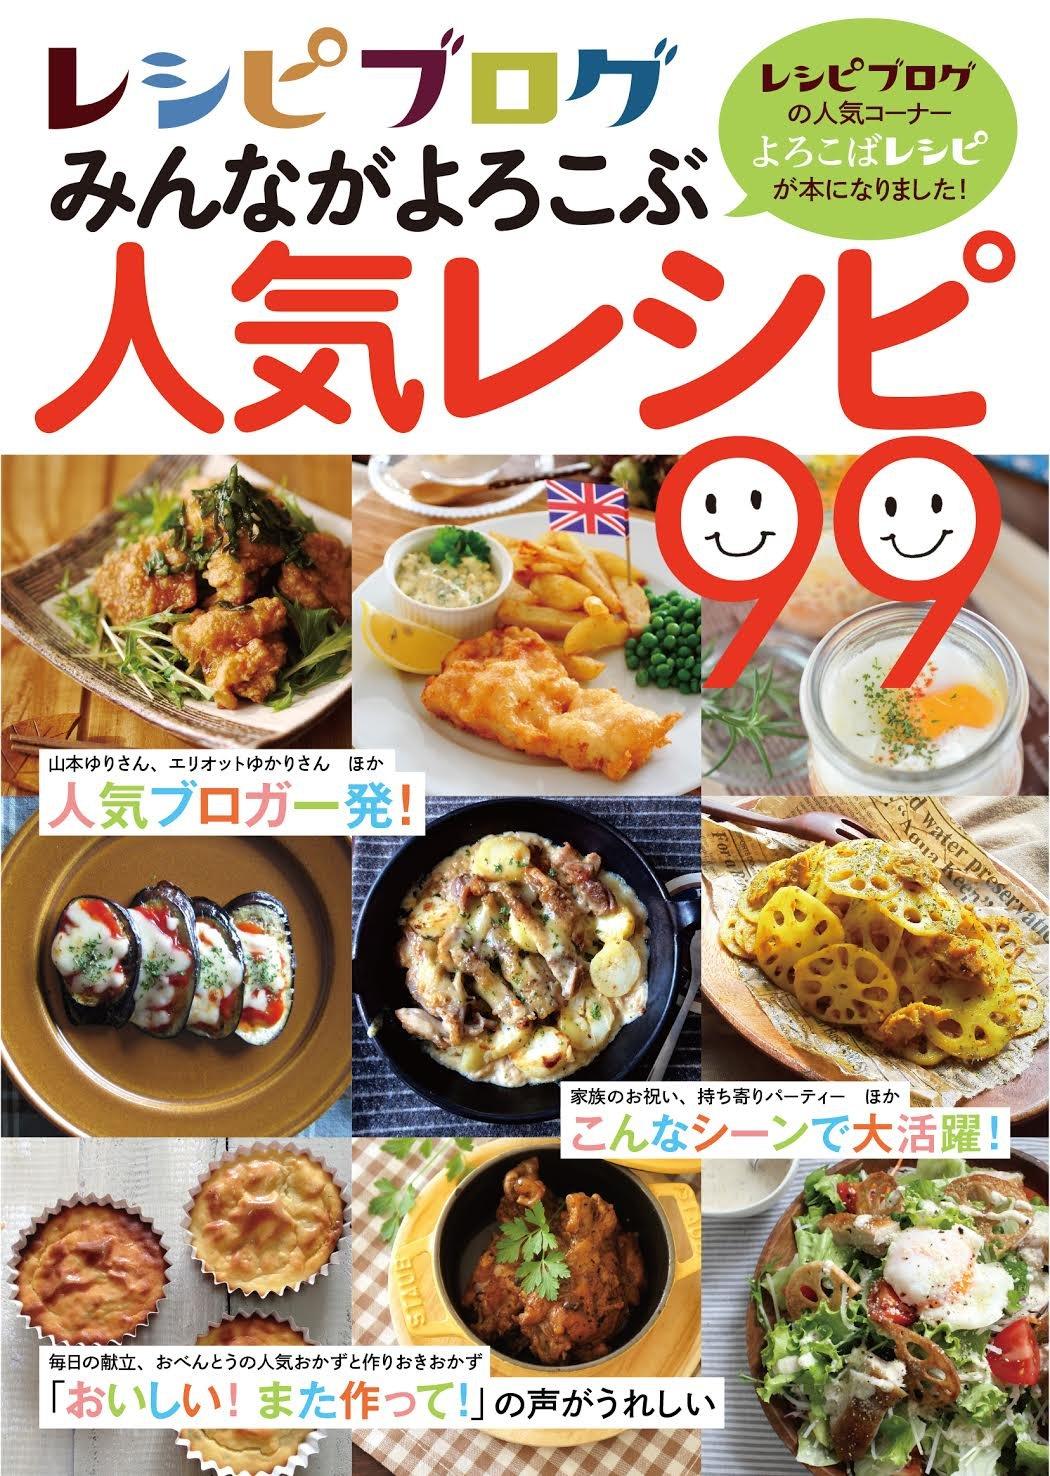 簡単お弁当やおかずに♡やわらか鶏胸肉/ささみのチーズピカタ オーロラソース新しいこと , スポンサー広告お料理